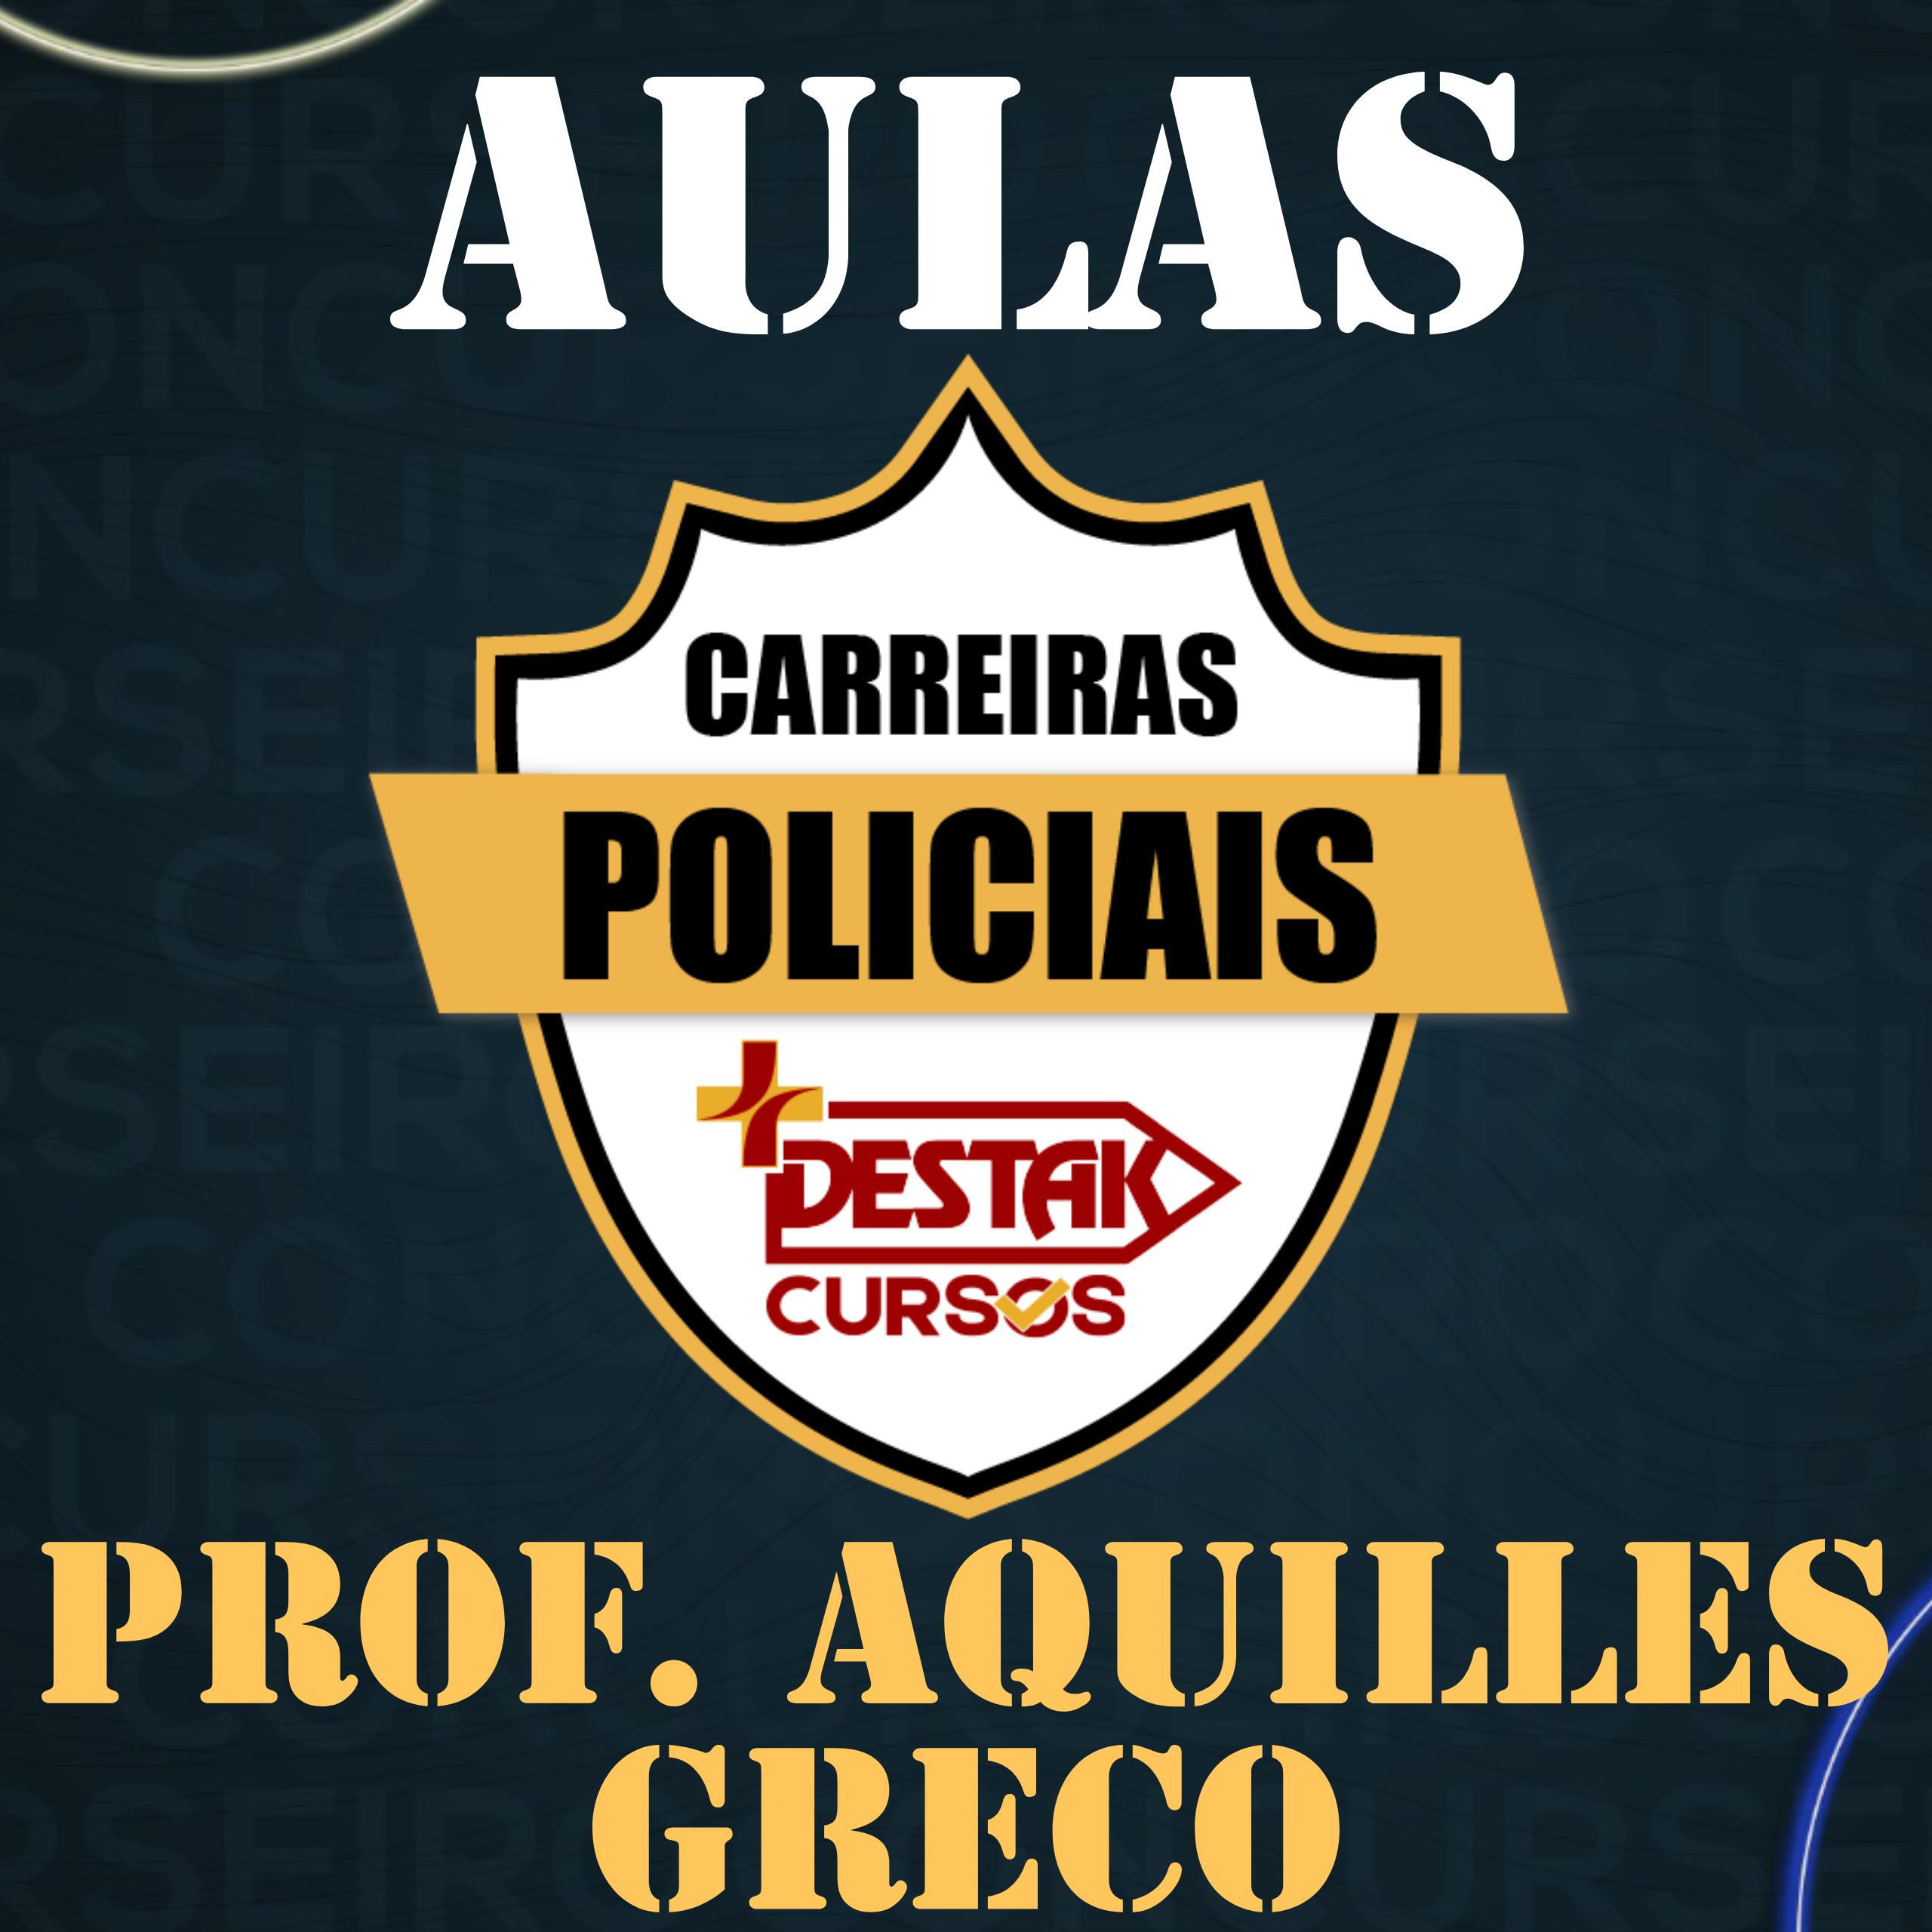 Aulões - Prof. Aquilles Greco